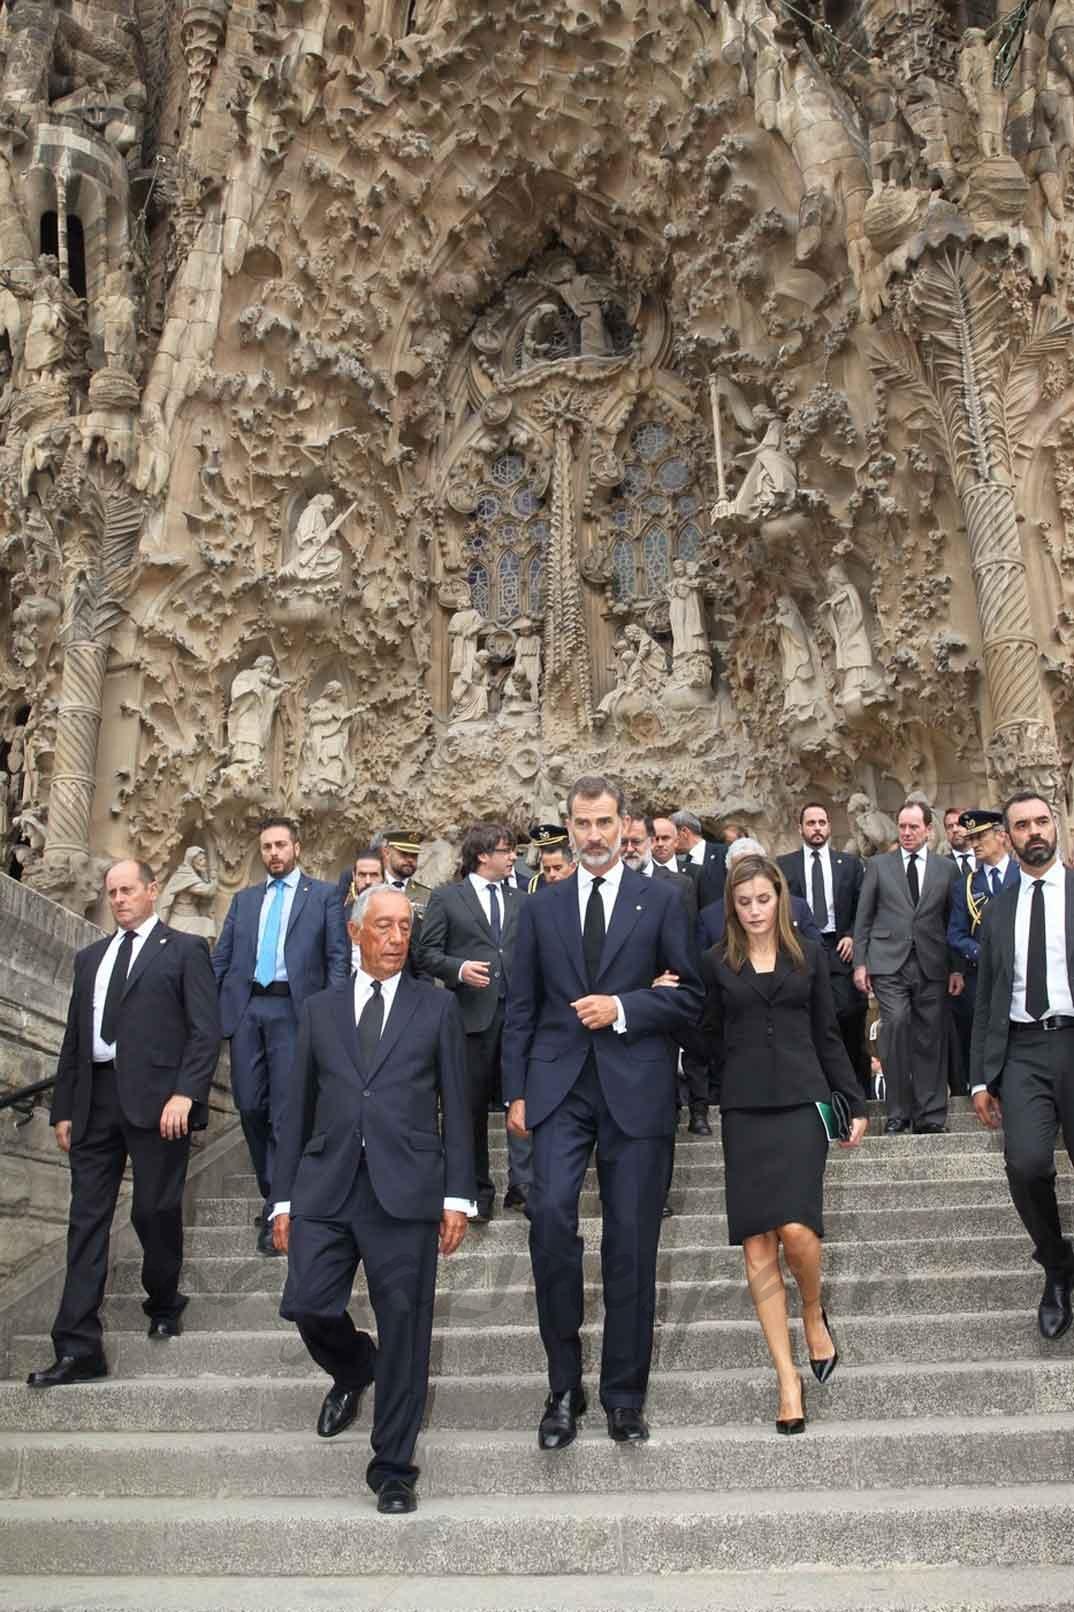 Los Reyes y el Presidente de la República Portuguesa, Marcelo Rebelo de Sousa, abandonan la Sagrada Familia - Casa S.M. El Rey